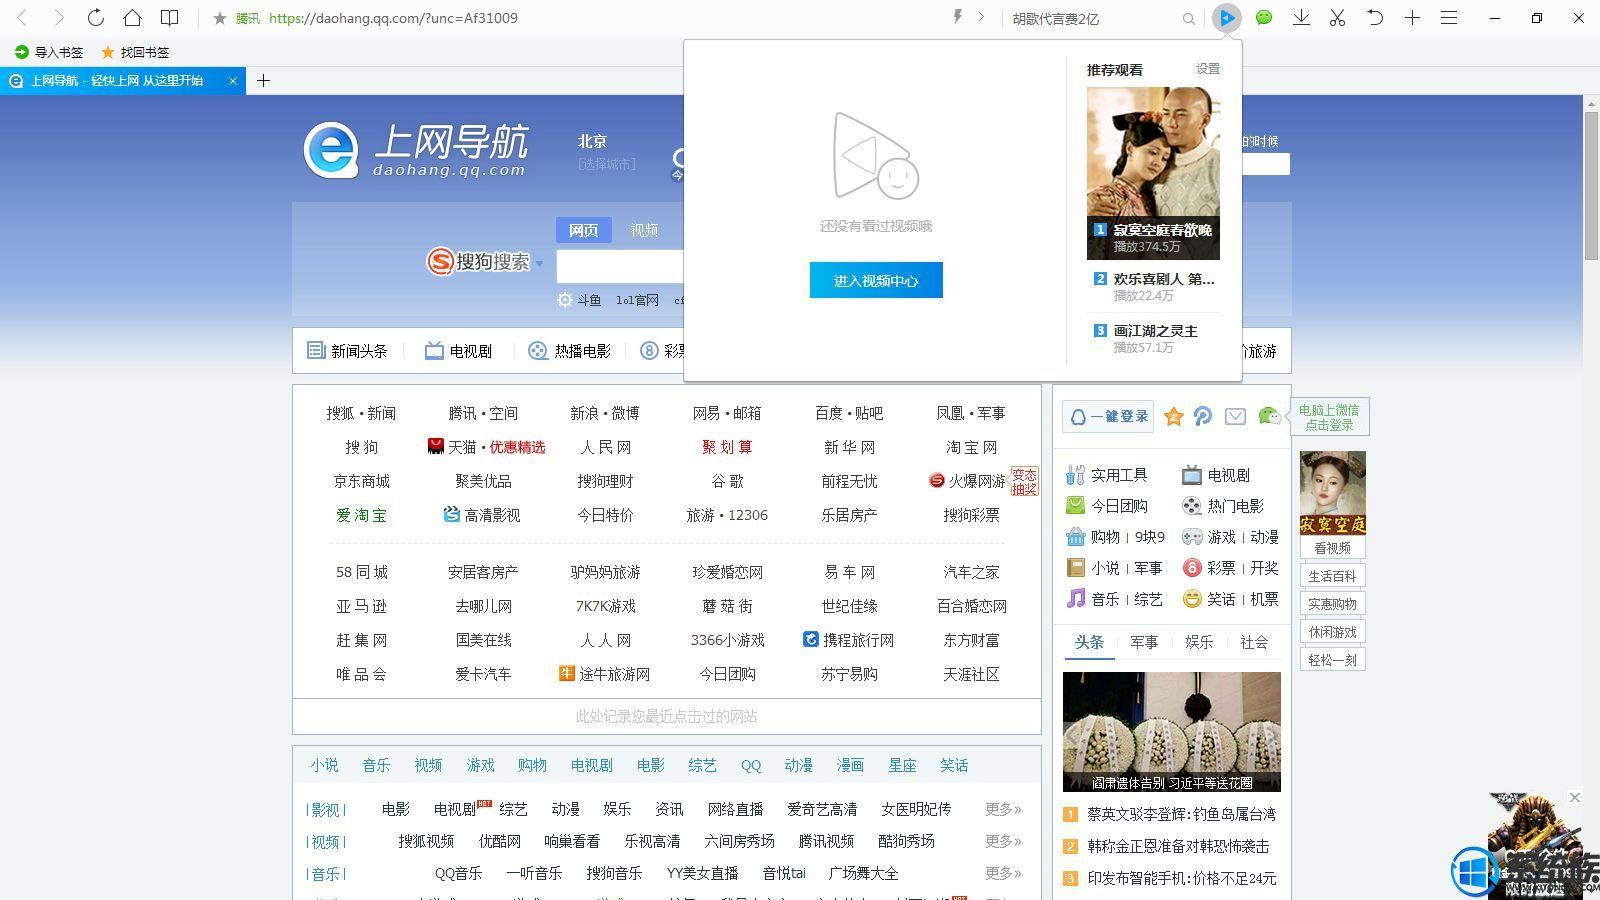 QQ浏览器电脑版 v9.6 官方最新下载